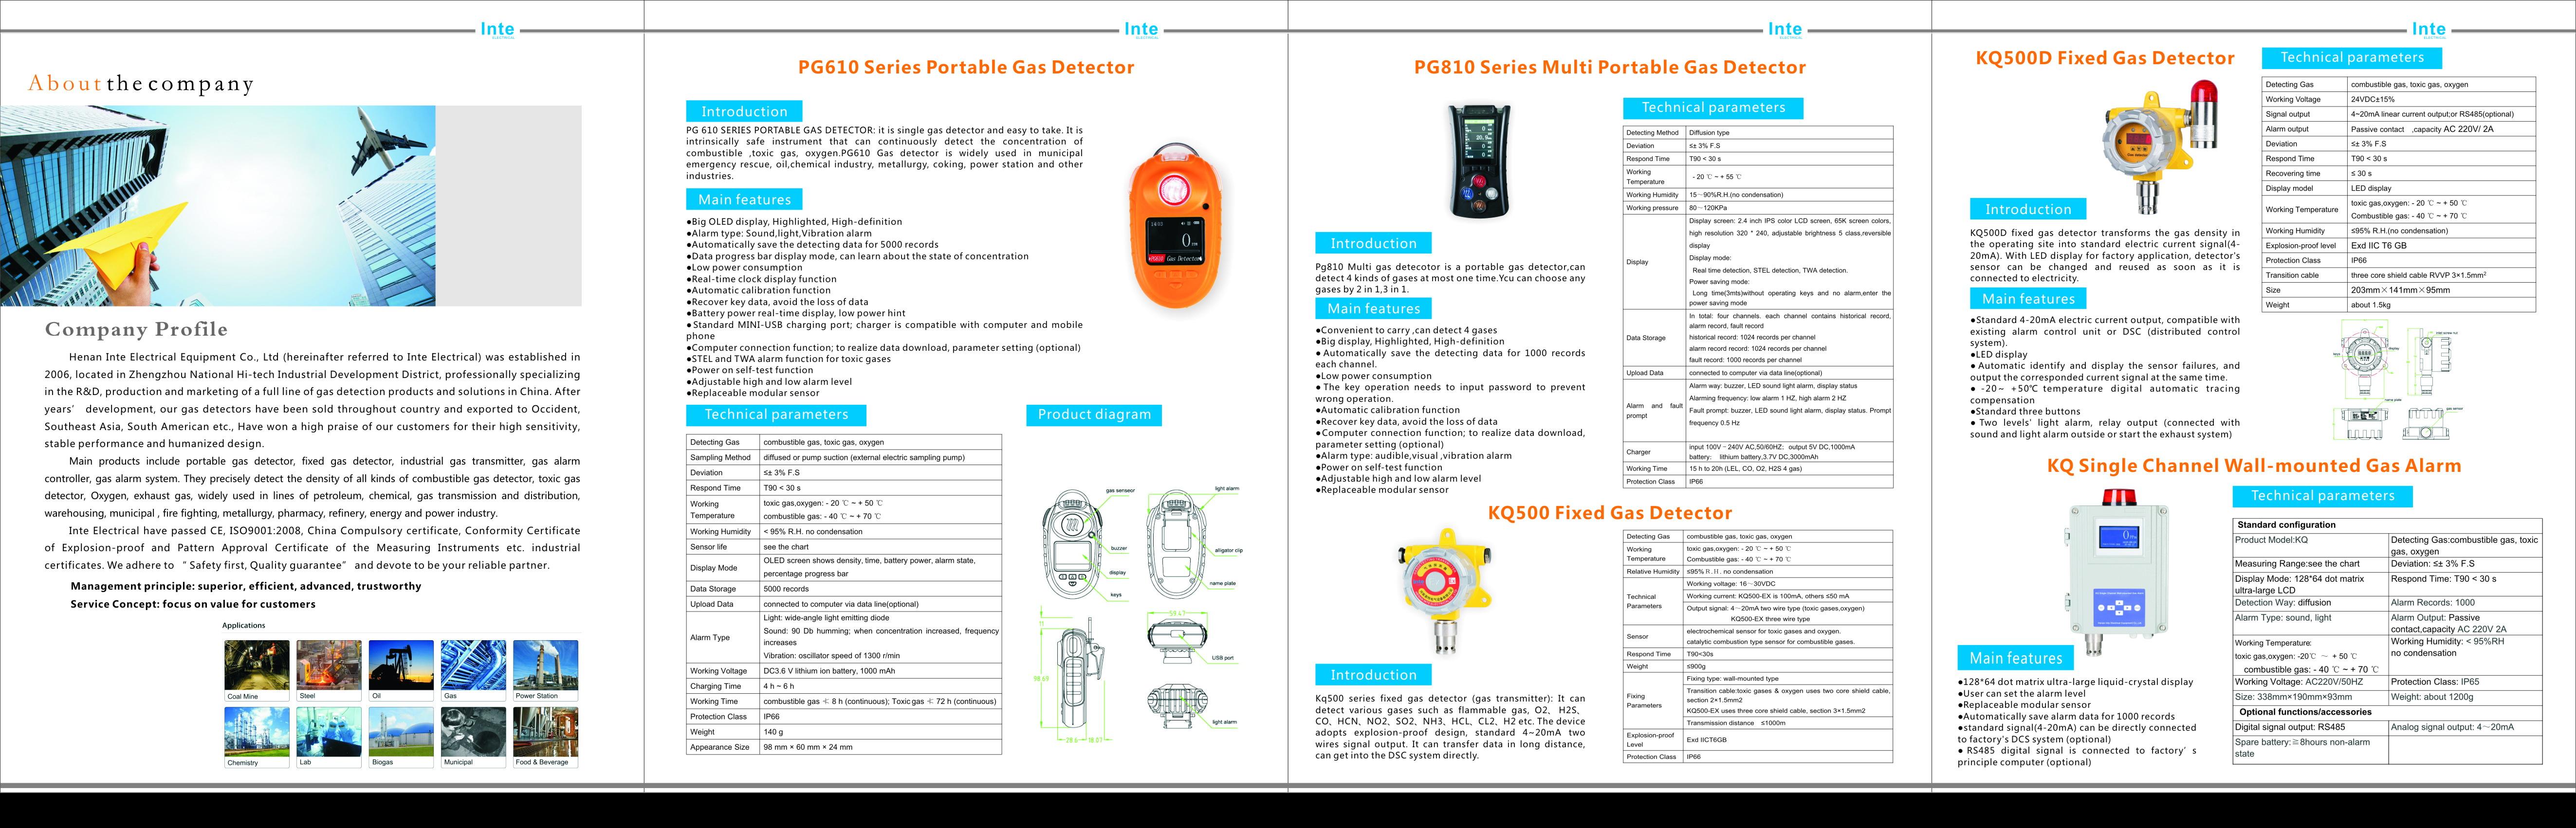 دتکتور گاز پرتابل Portable Gas Detector اندازه گیری مقدار گاز ها گاز های قابل اشتغال قابل انفجار و سمی